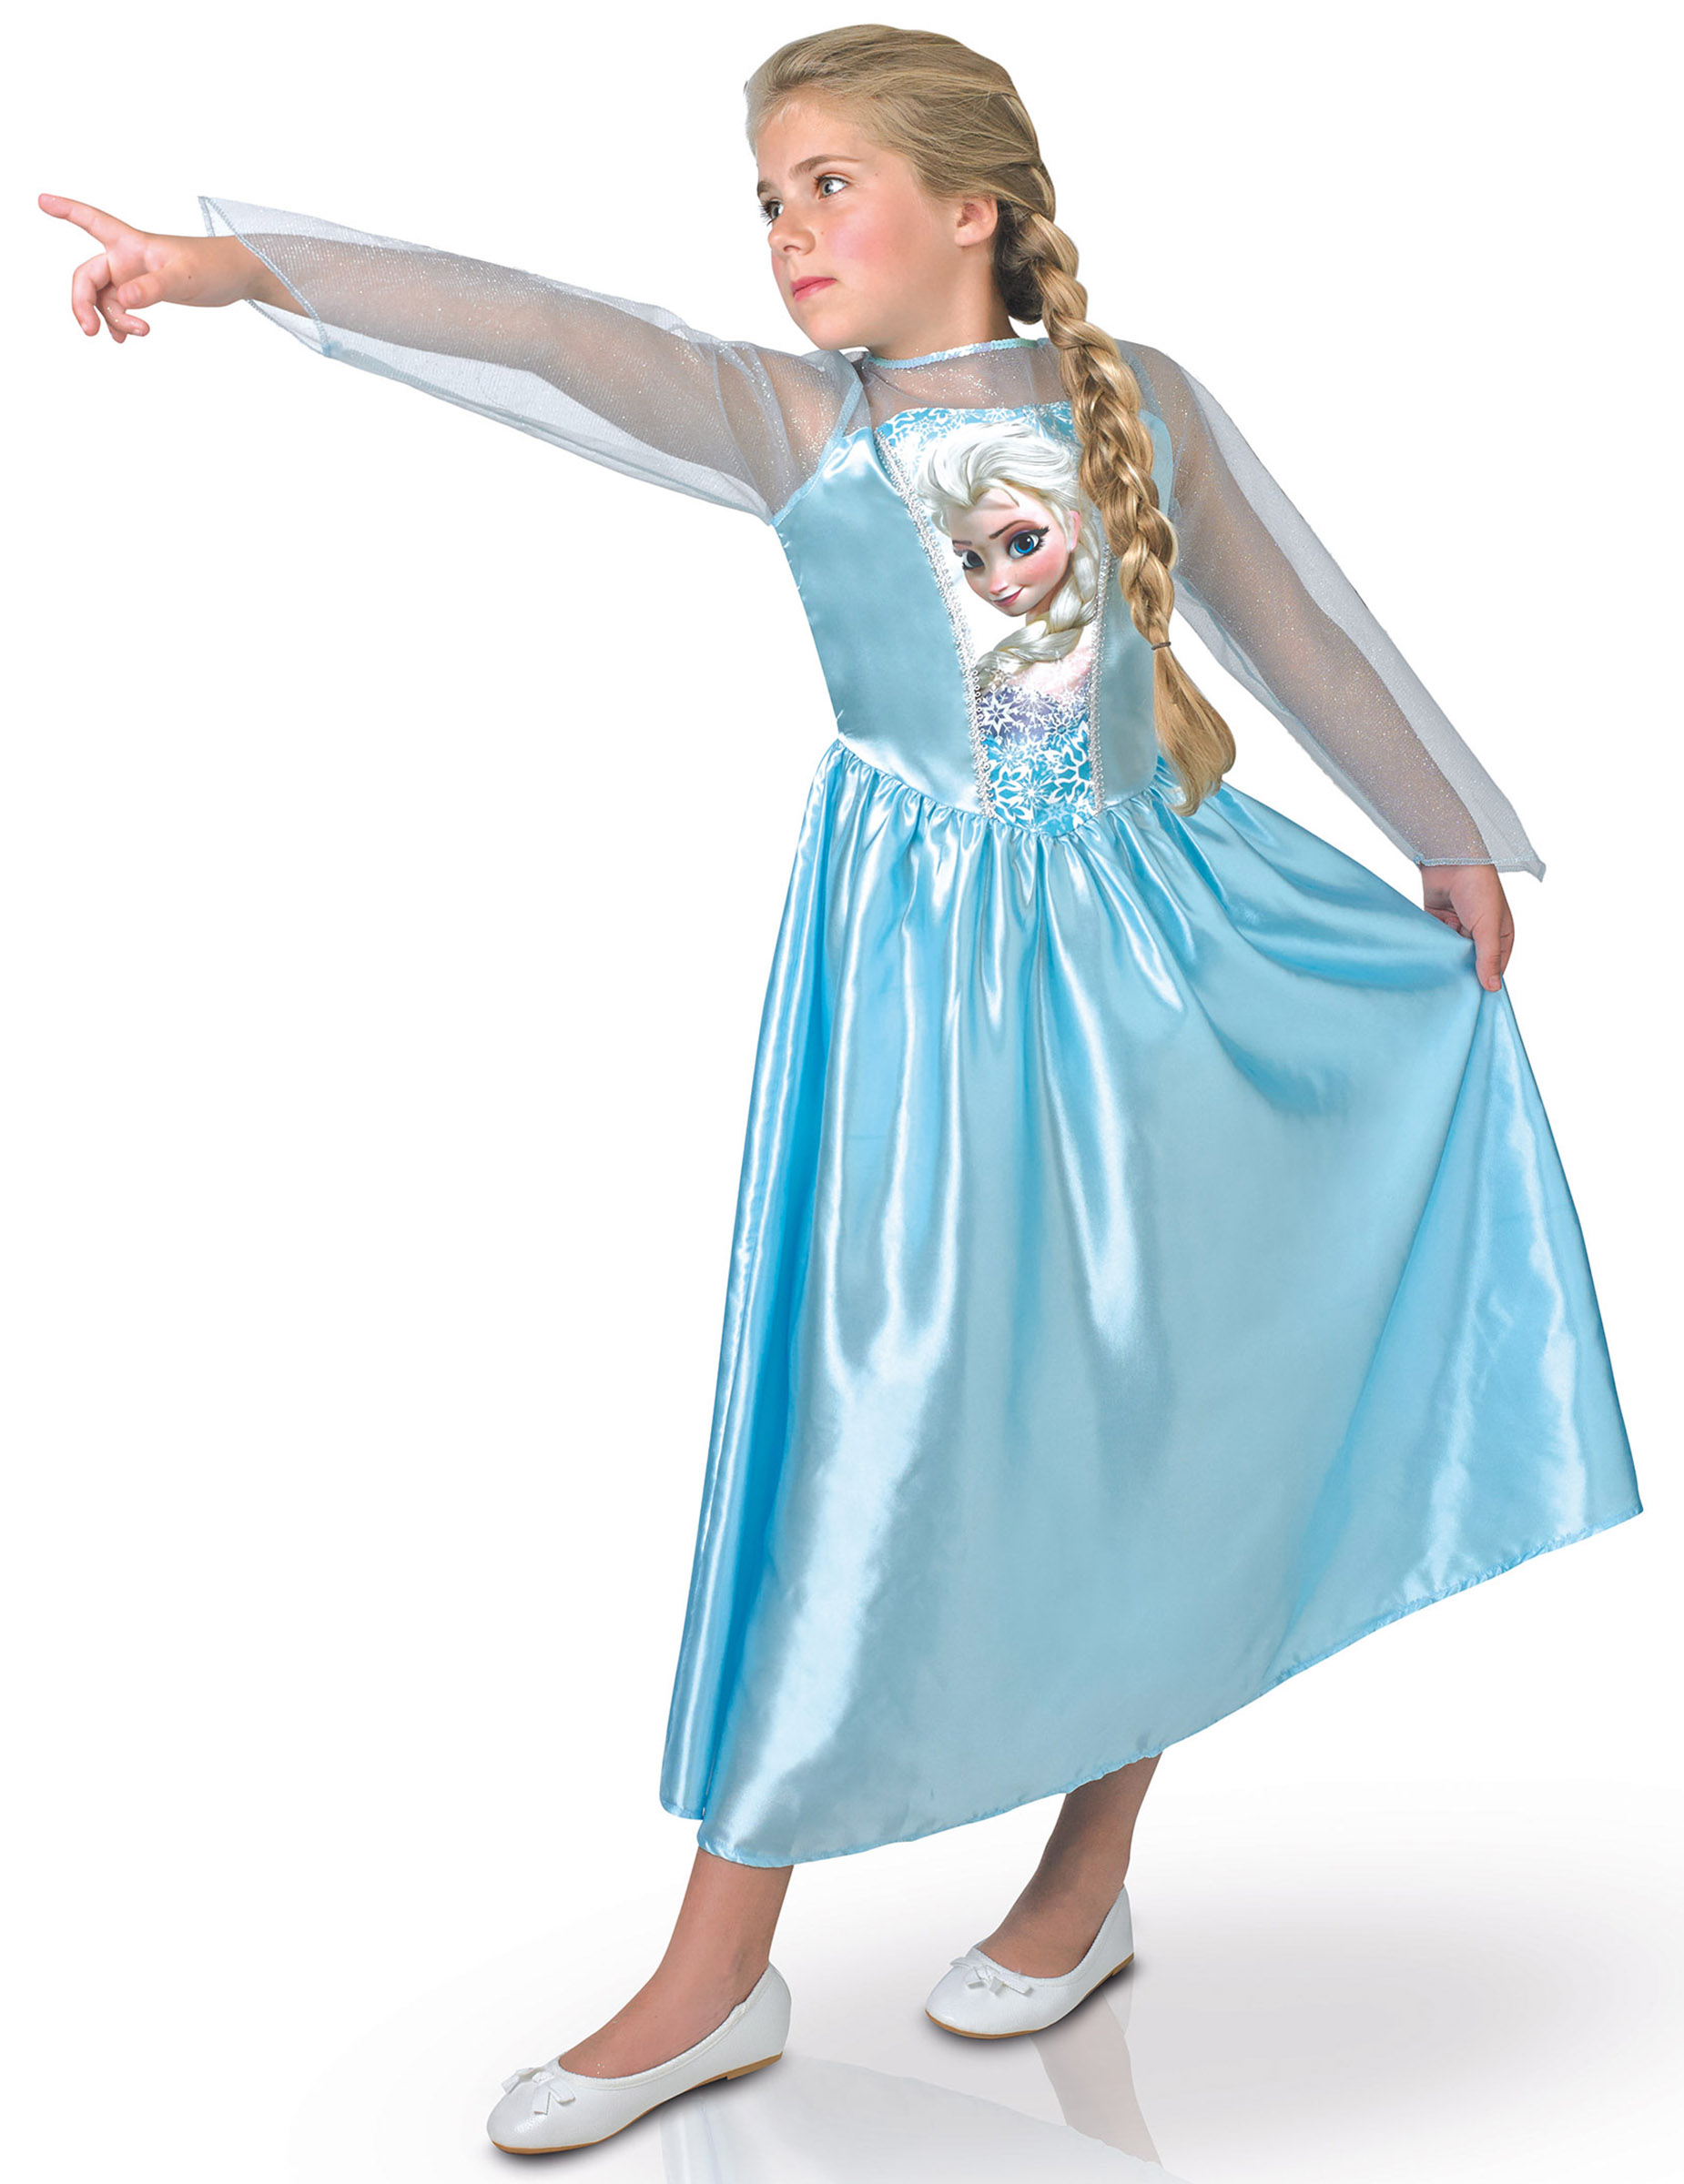 Elsa Frozen Die Eiskonigin Madchenkostum Prinzessinverkleidung Blau